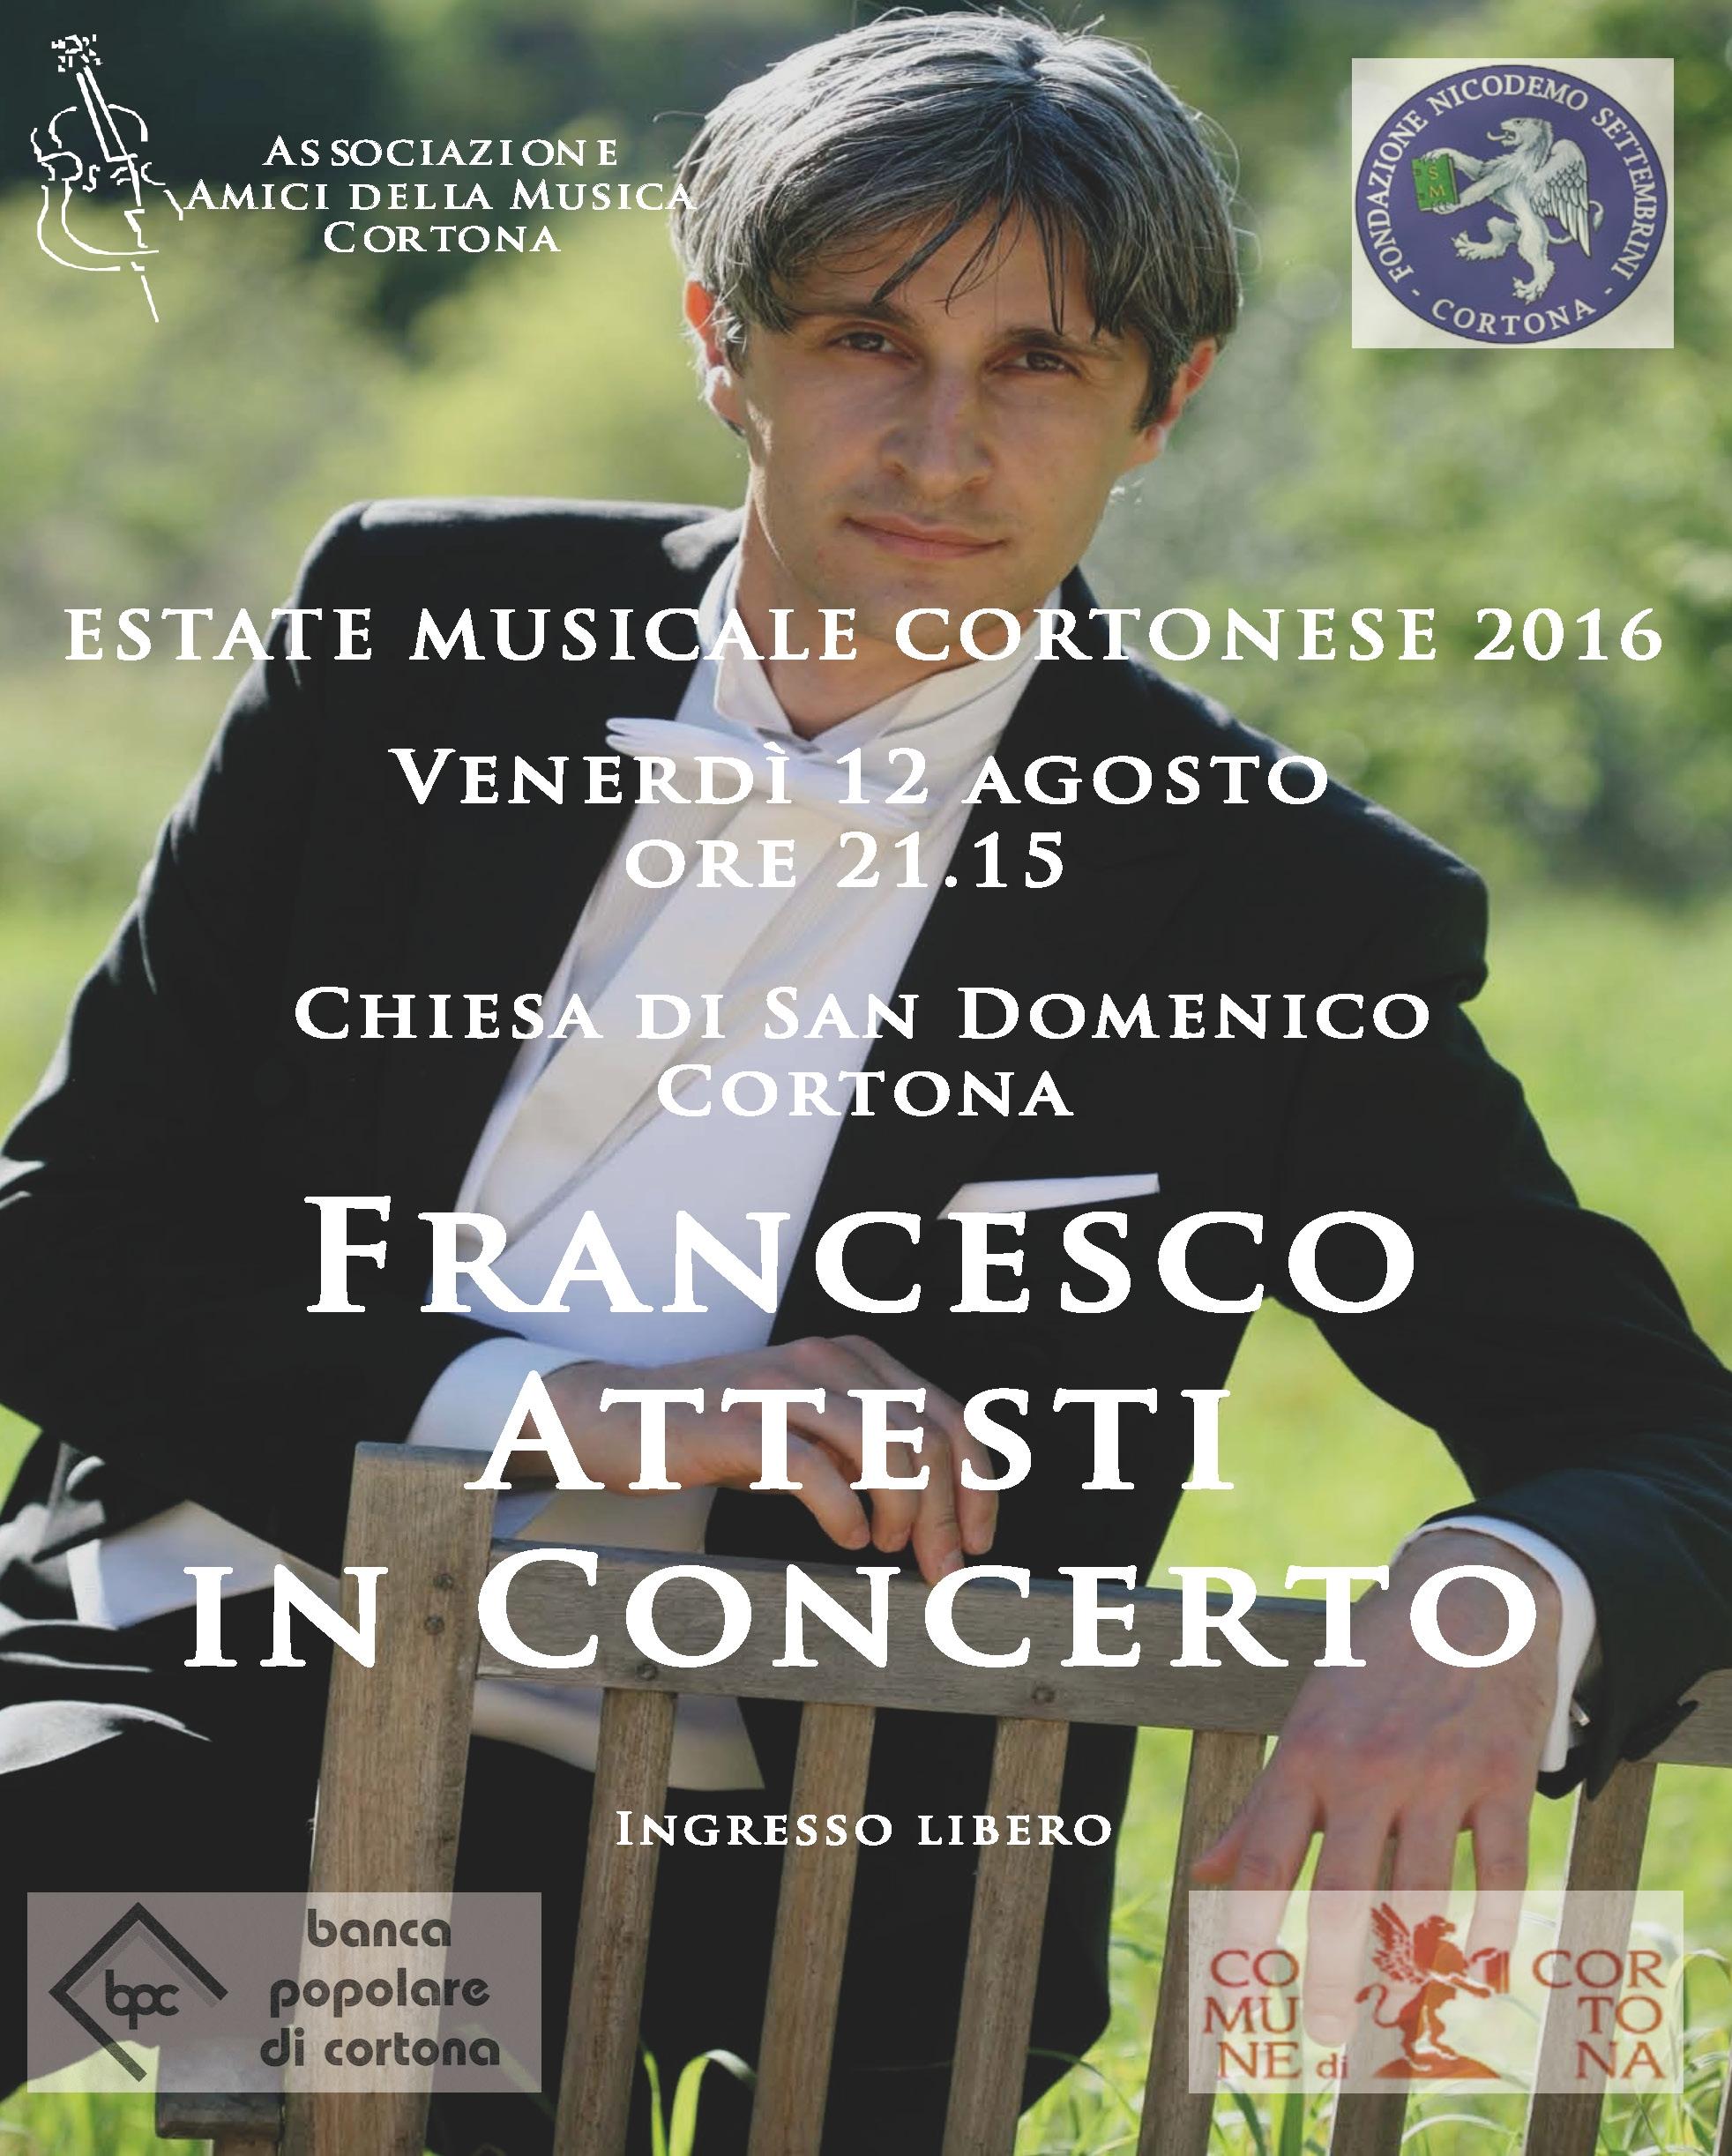 Attesti in concerto a Cortona nell'ambito dell'Estate Musicale